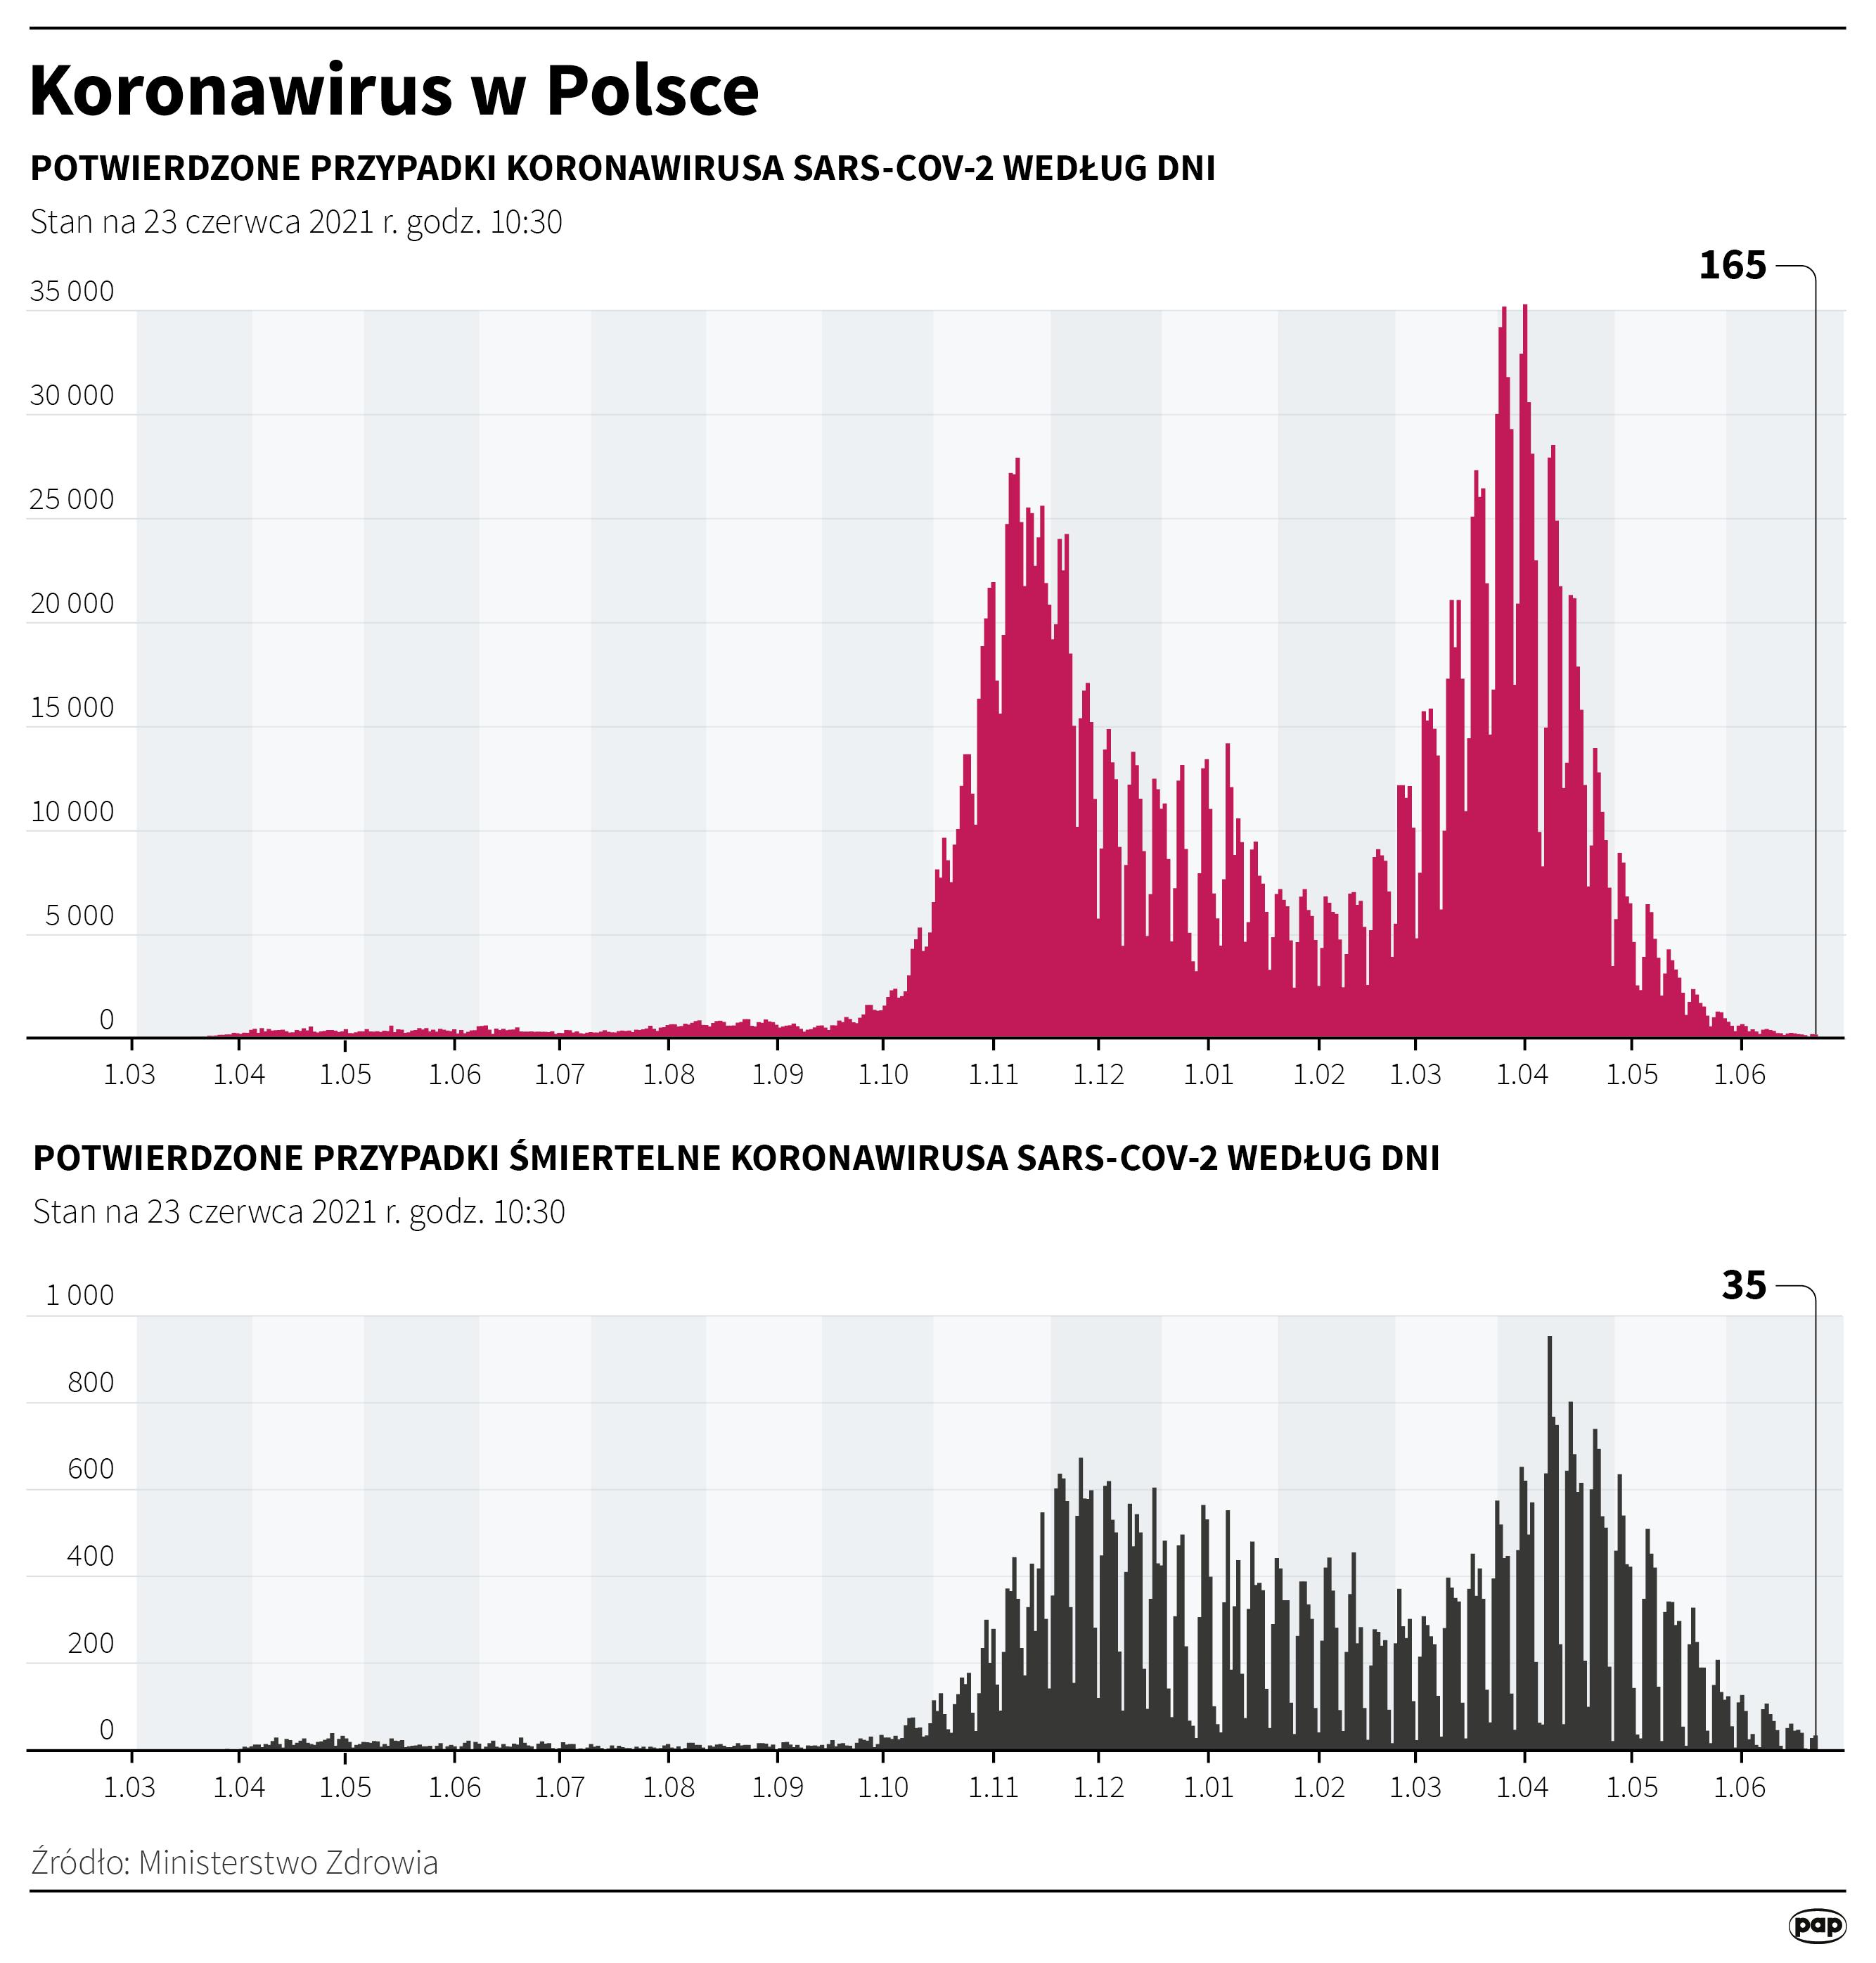 Koronawirus w Polsce - stan na 23 czerwca [Autor: Maciej Zieliński, źródło: PAP]